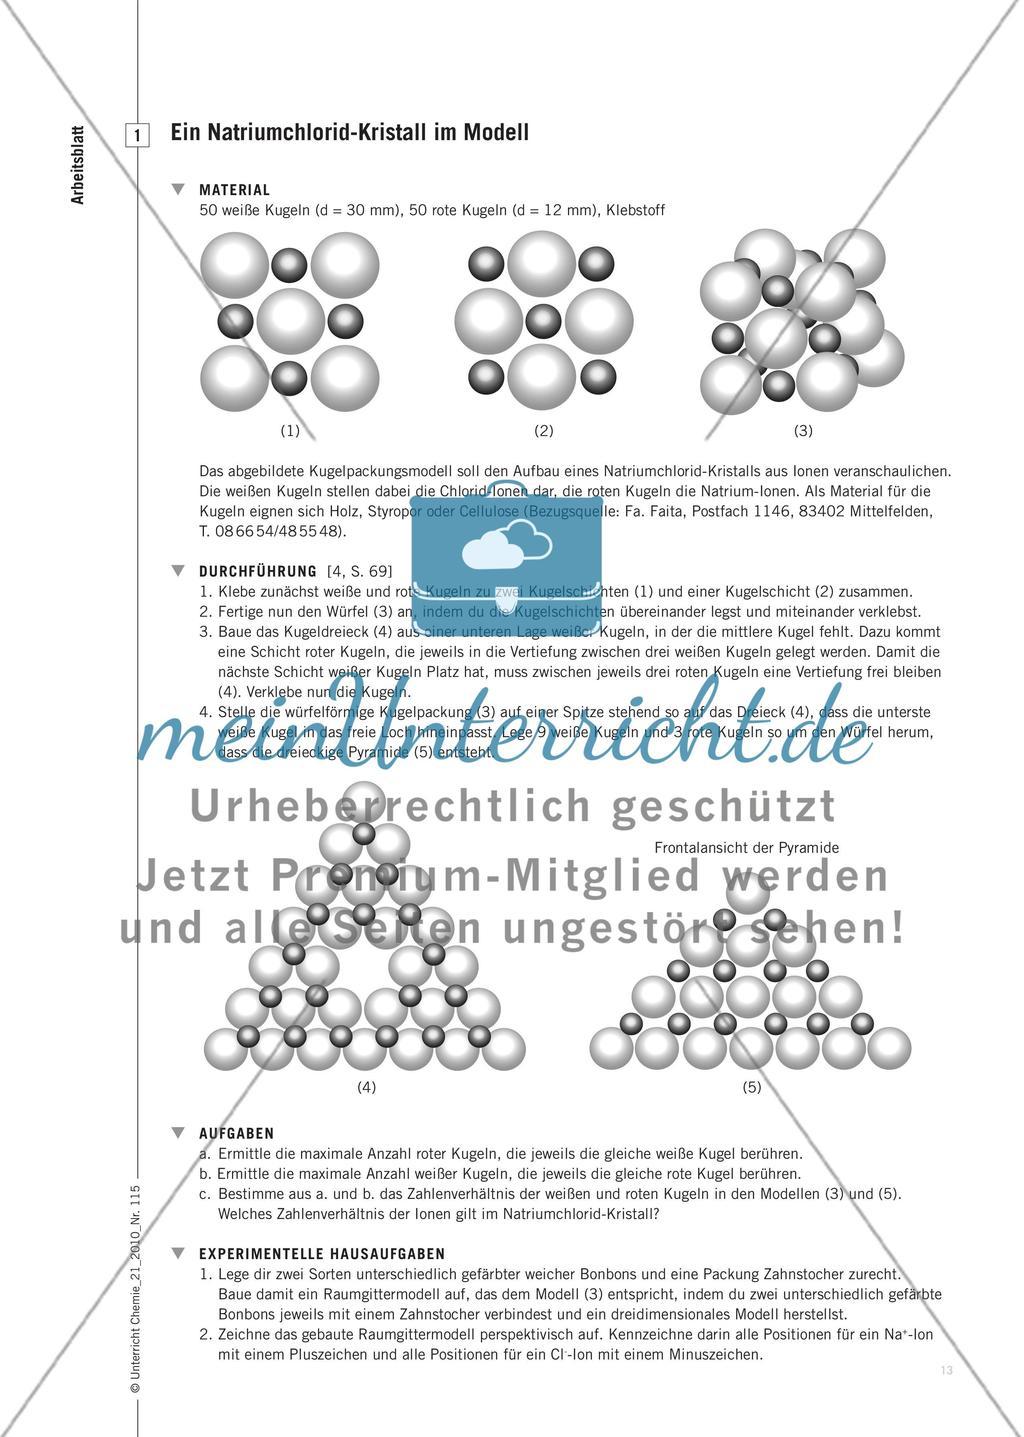 Gitterenergie und Bindungskräfte - Struktur-Eigenschaftsbeziehungen bei Salzen – quantitativ betrachtet Preview 2